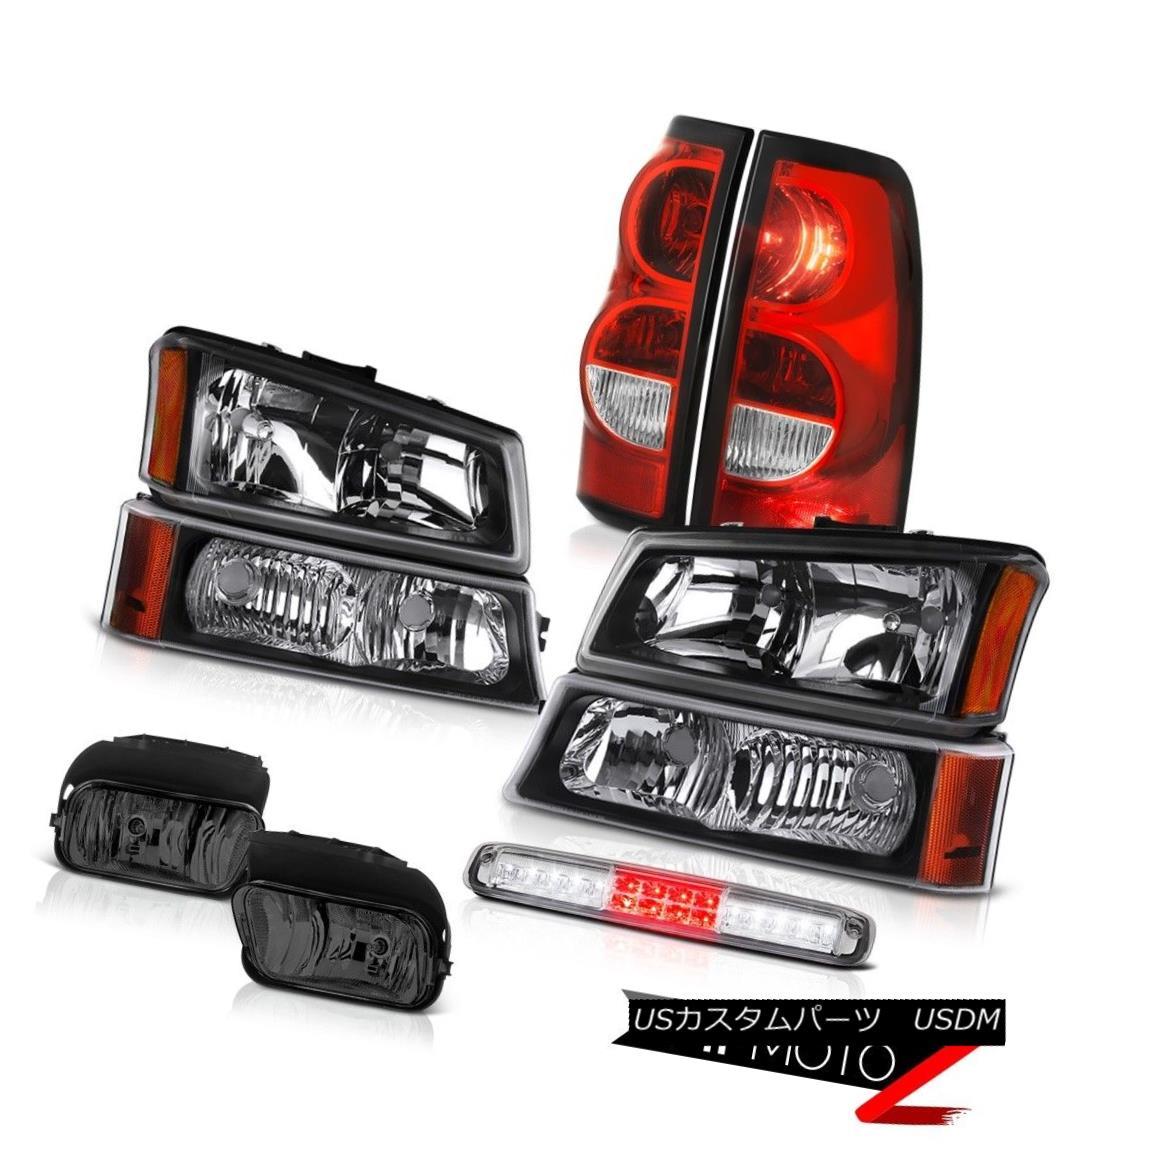 テールライト 03-06 Silverado 1500 Roof Cab Lamp Smoked Fog Lamps Tail Signal Light Headlamps 03-06 Silverado 1500ルーフキャブ・ランプスモーク・フォグ・ランプテール・シグナル・ライトヘッドランプ